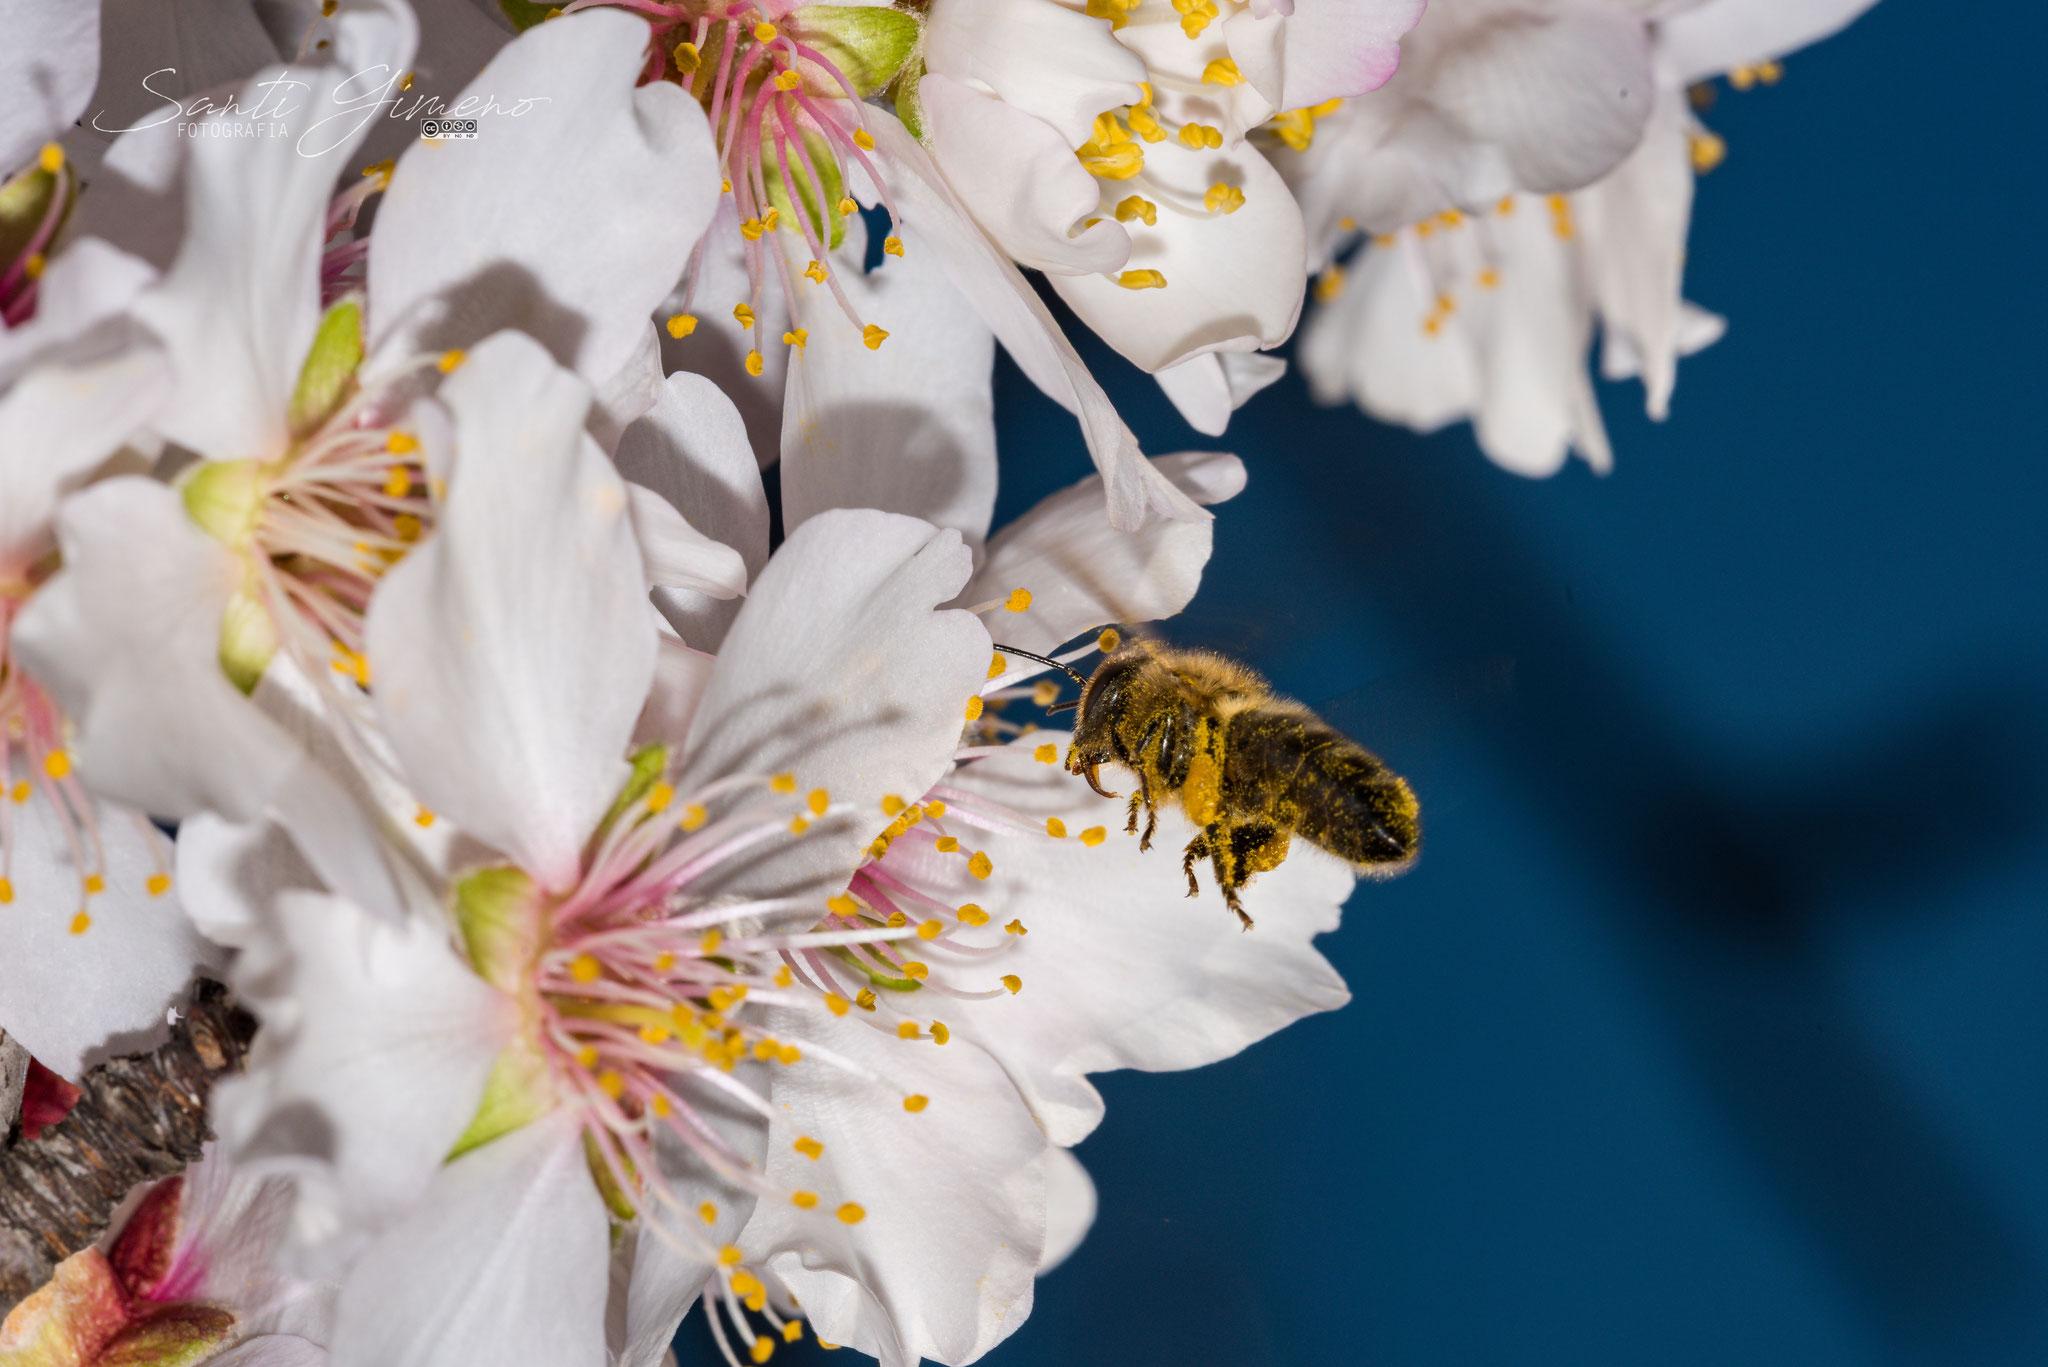 La primera mel de la temporada (febrer 2020)